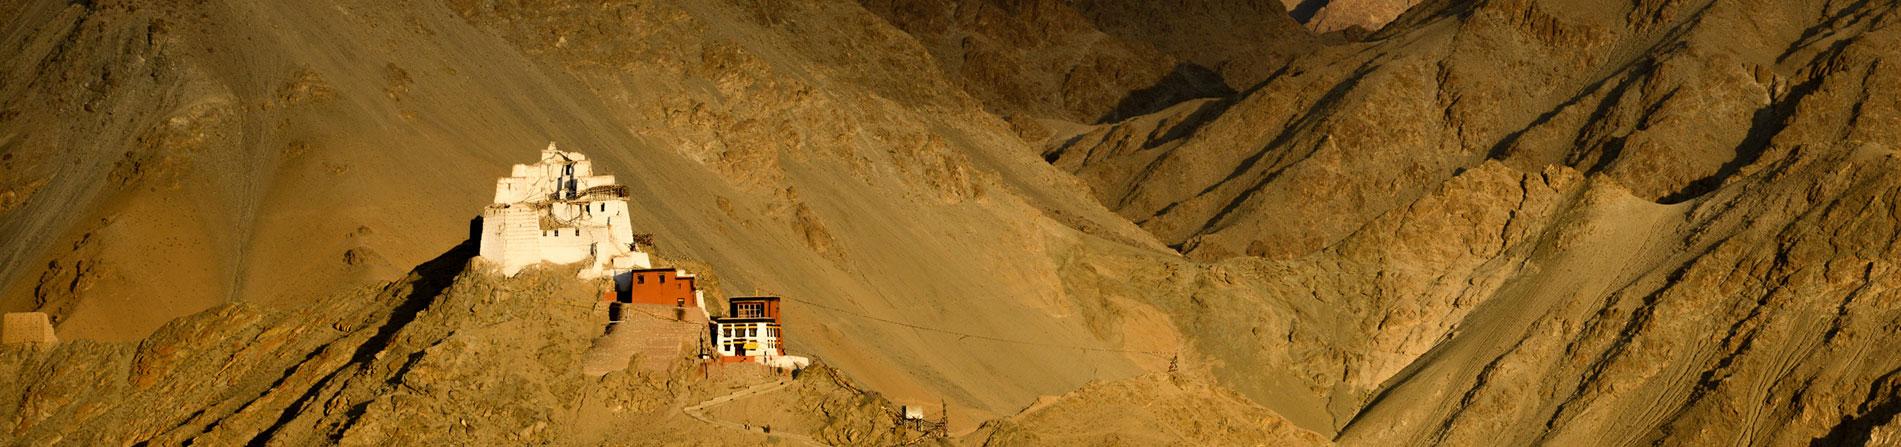 Himalaya – Gipfel, Götter, Glücksmomente 03